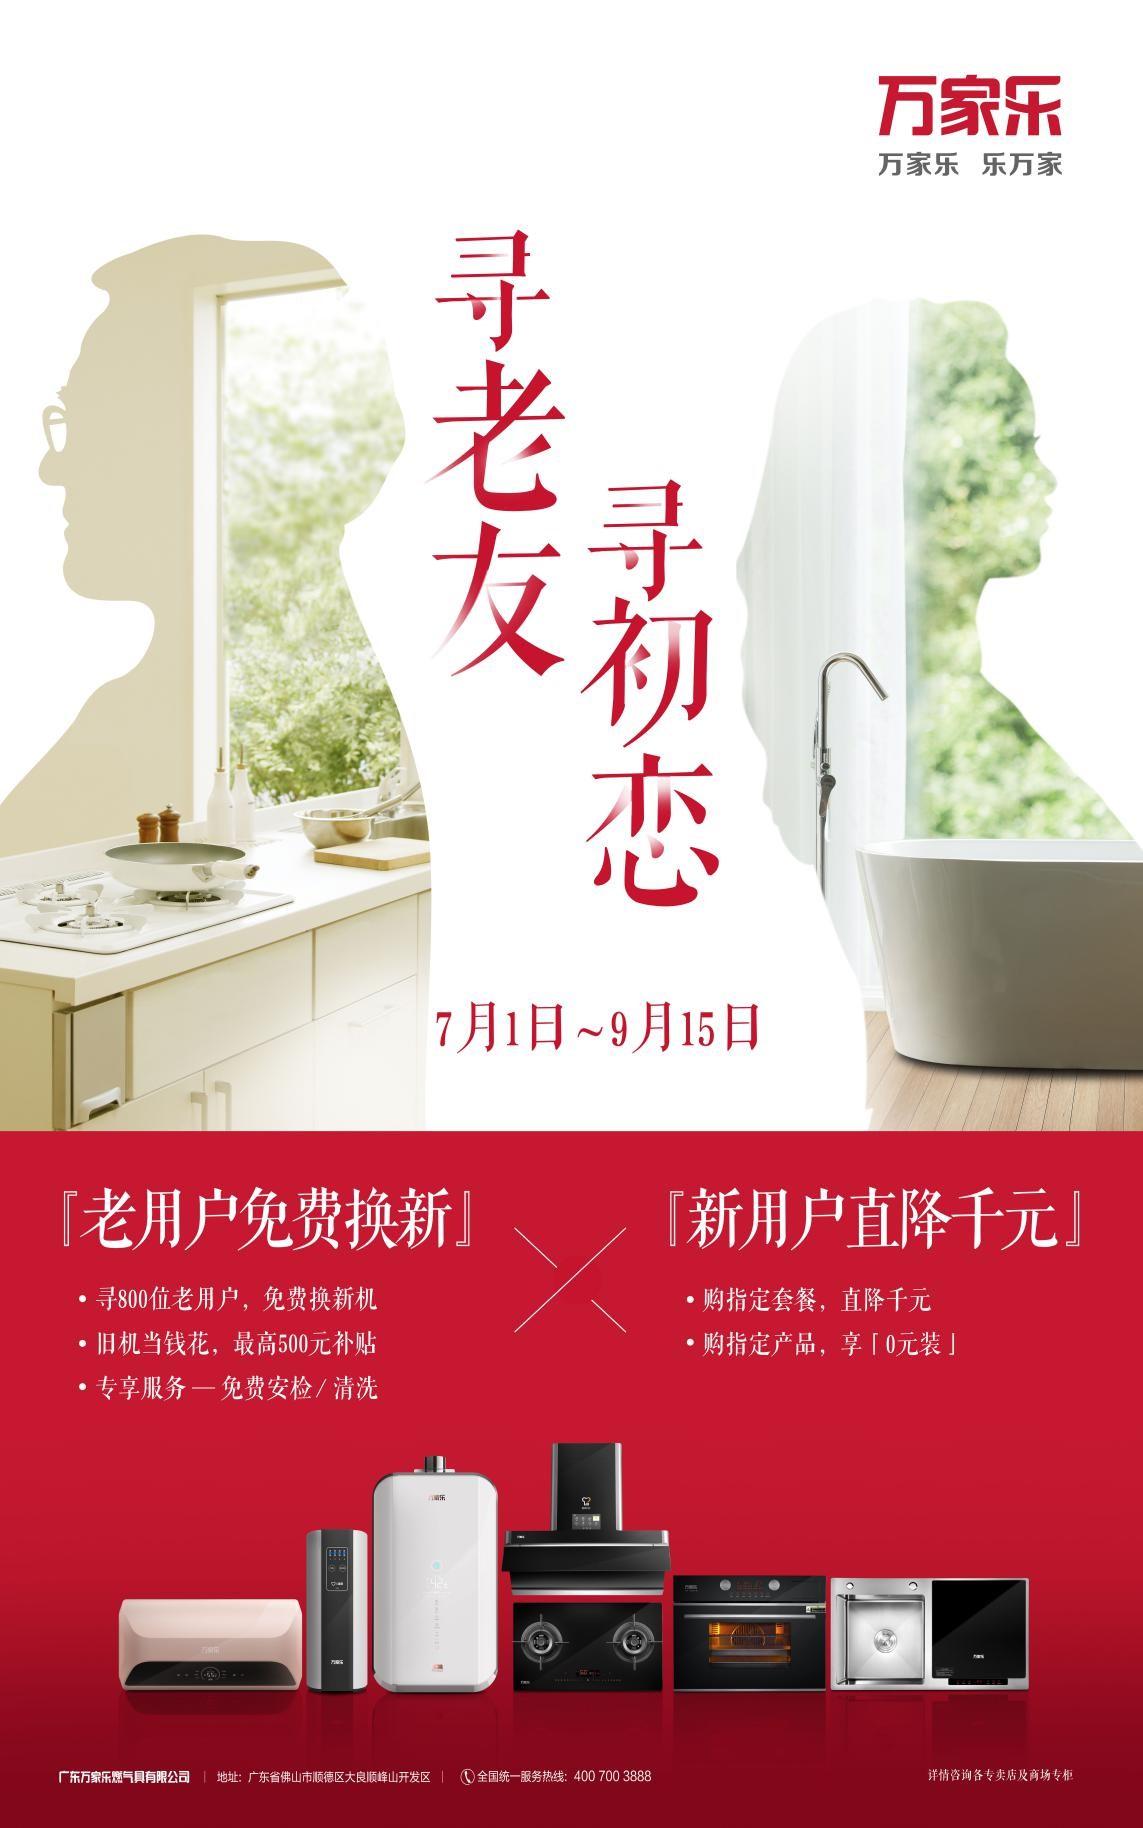 http://www.pygllj.live/wujinjiadian/408377.html